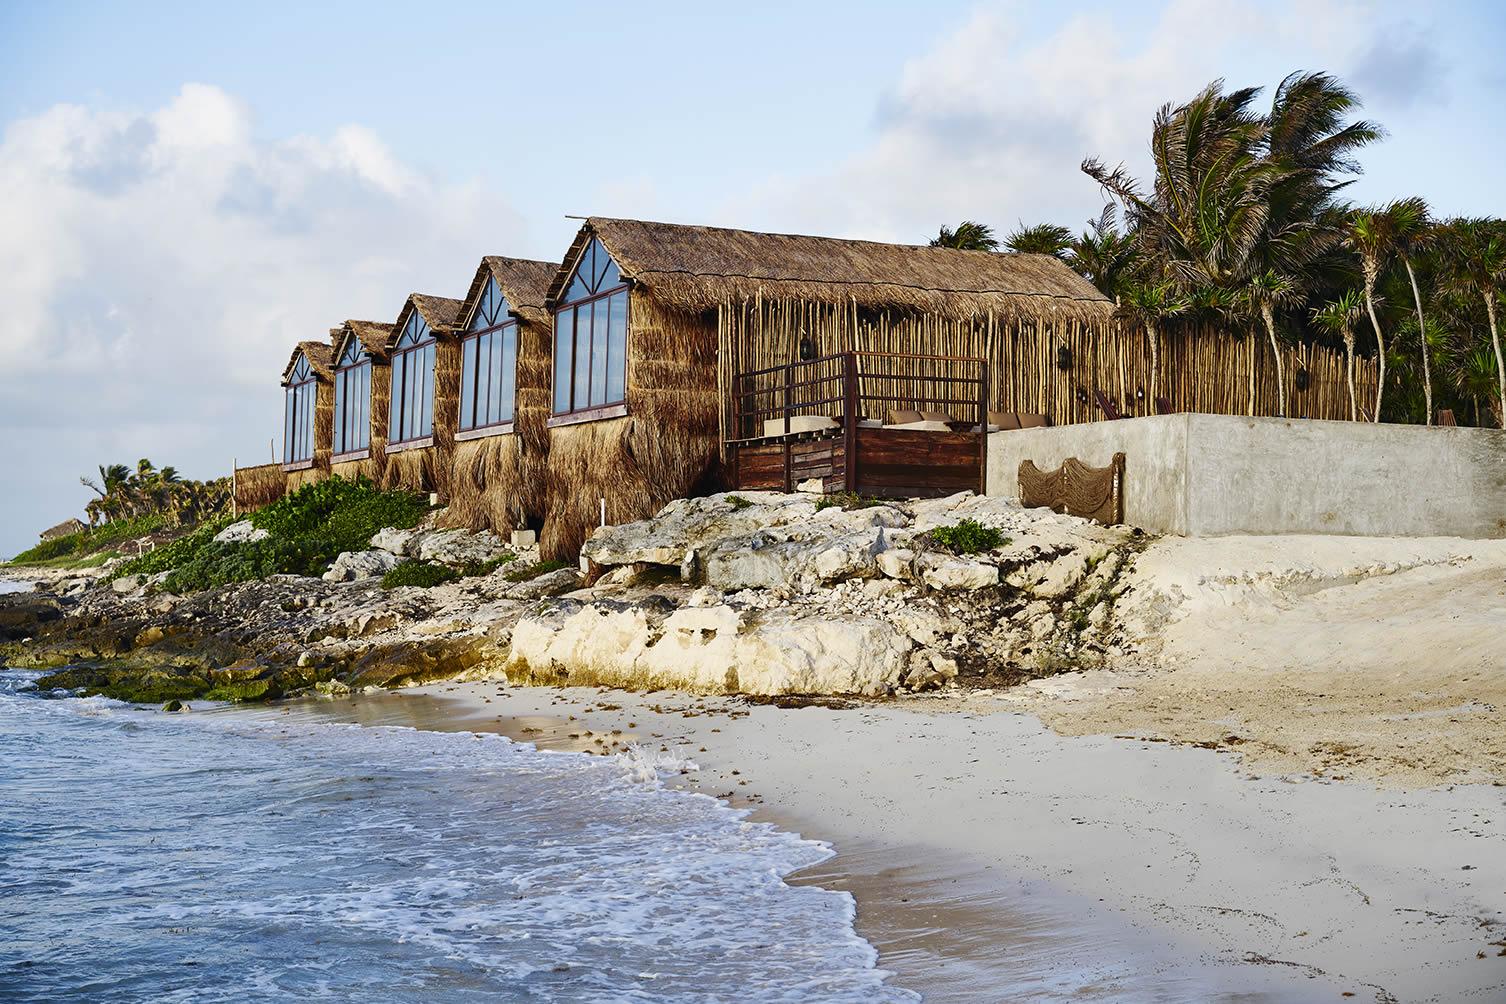 墨西哥图卢姆的Habitas酒店